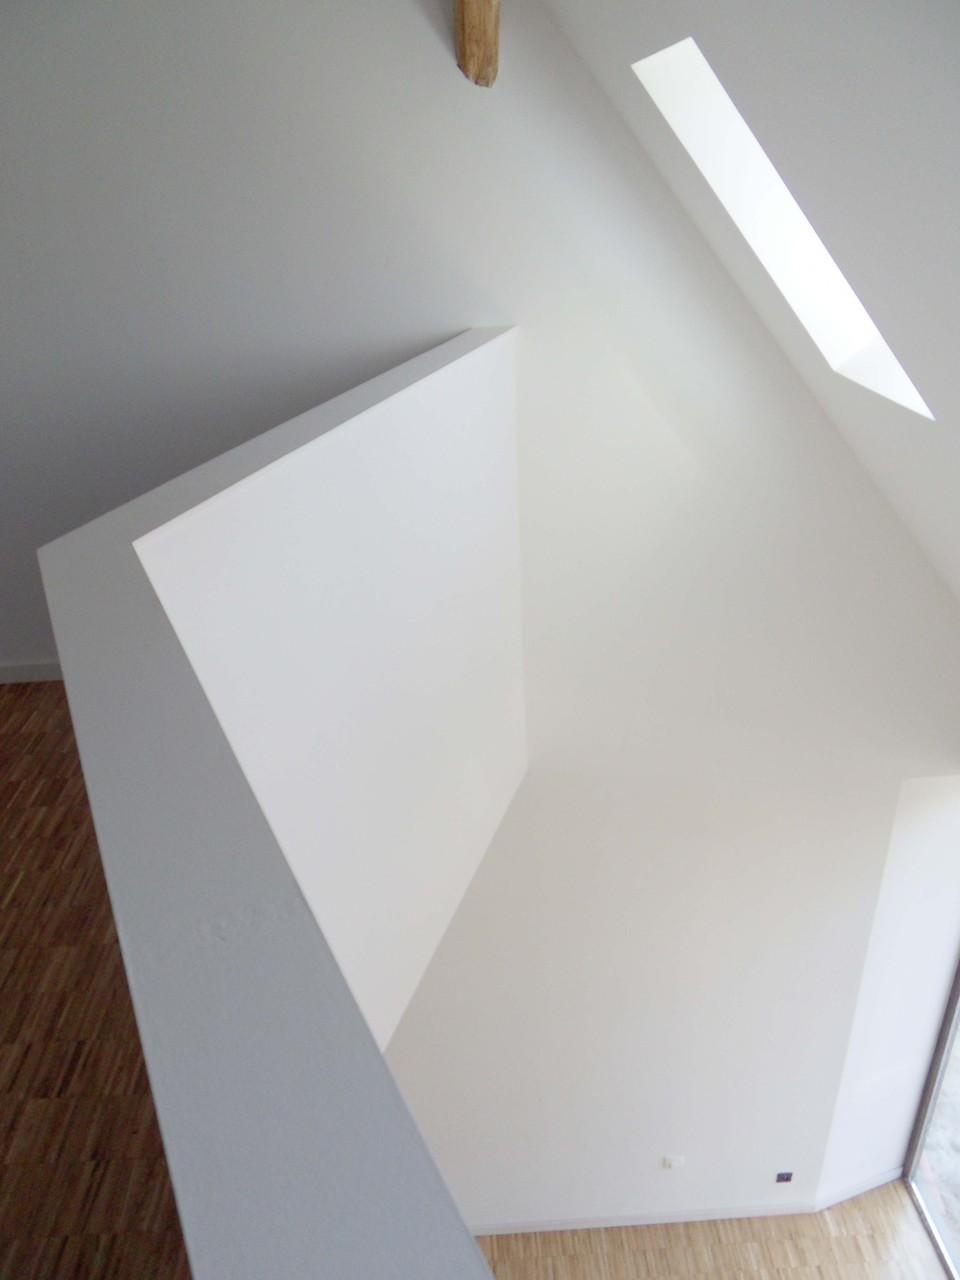 Ainsi les jeux d'ombres créent à eux seul une décoration sobre dans la maison.